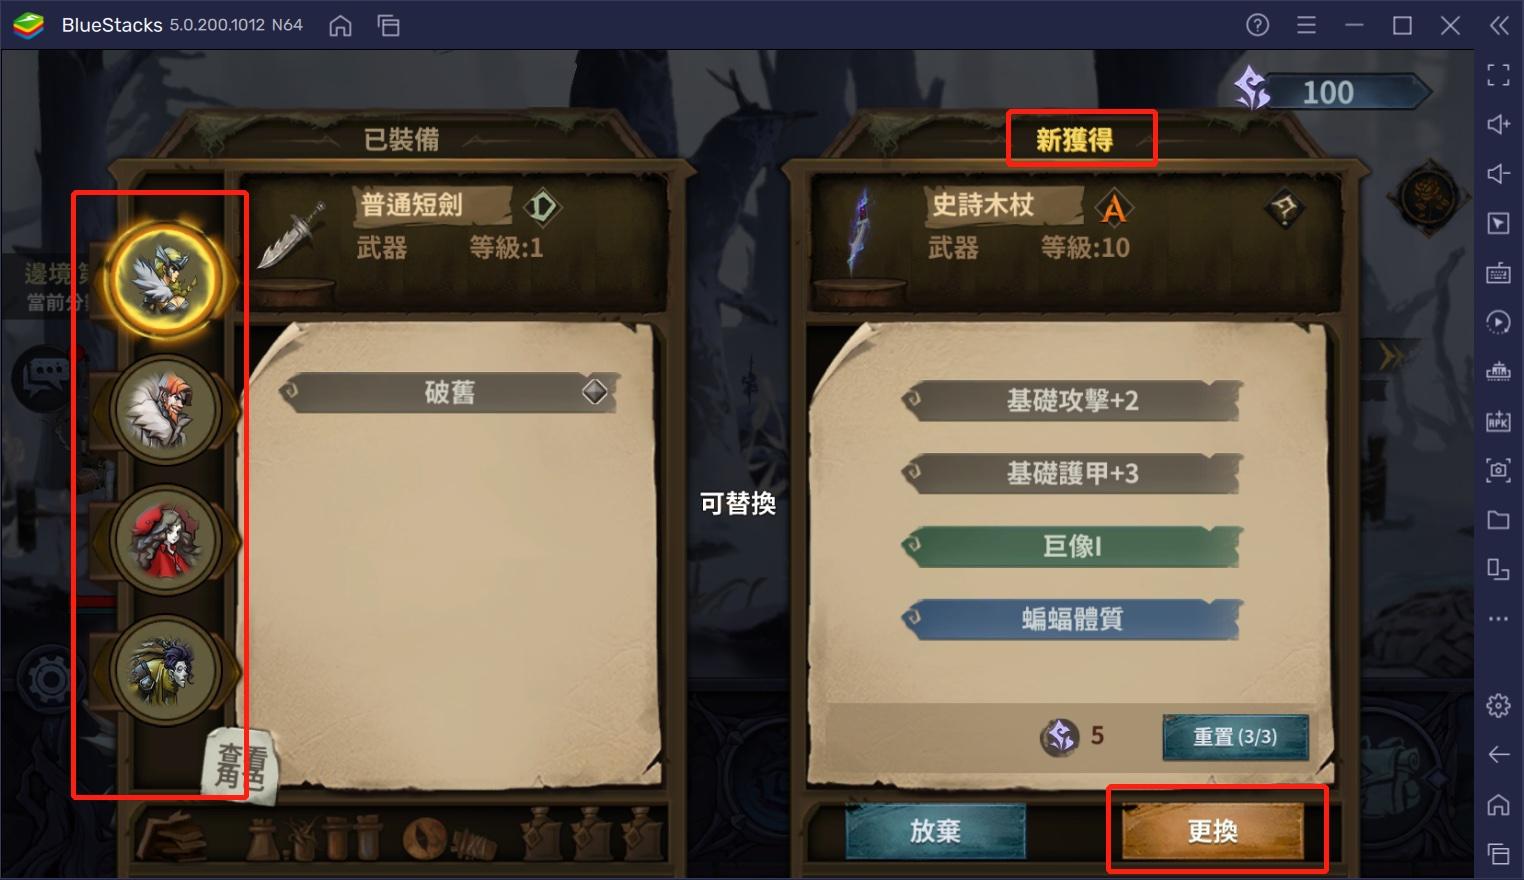 如何用BlueStacks在電腦上玩克魯蘇冒險策略手遊《奈奧格之影》